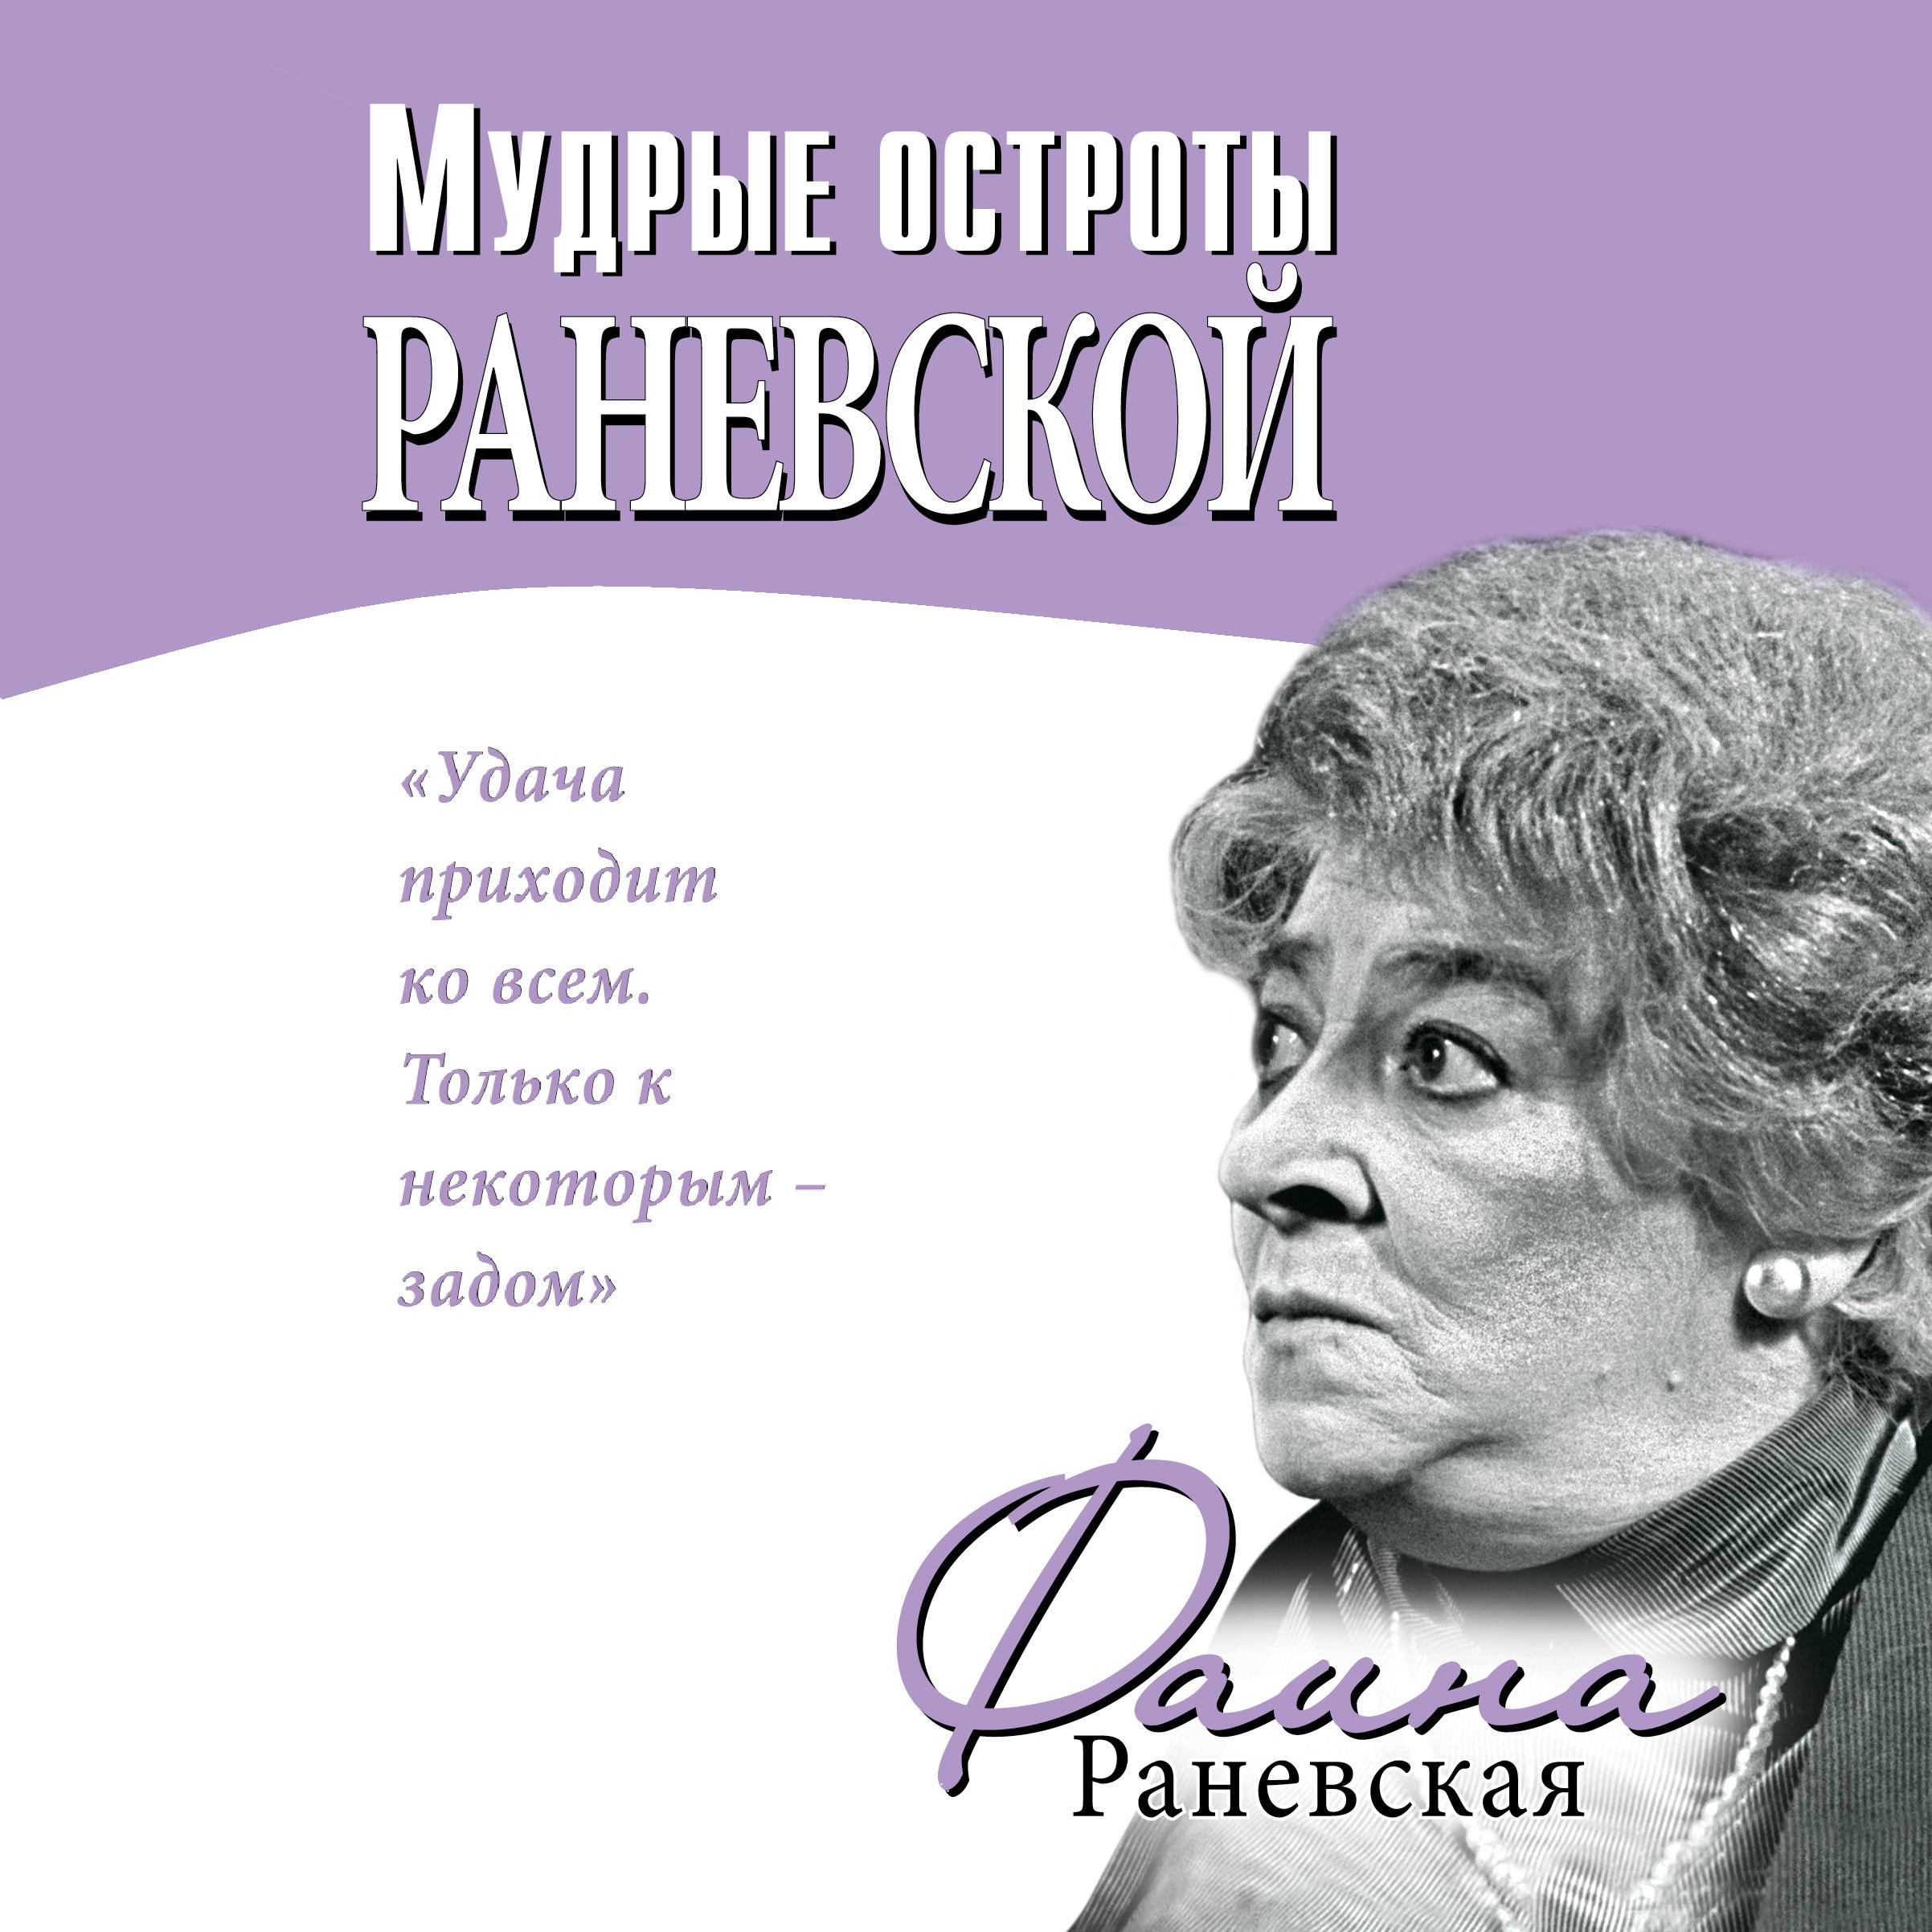 Мудрые остроты Раневской